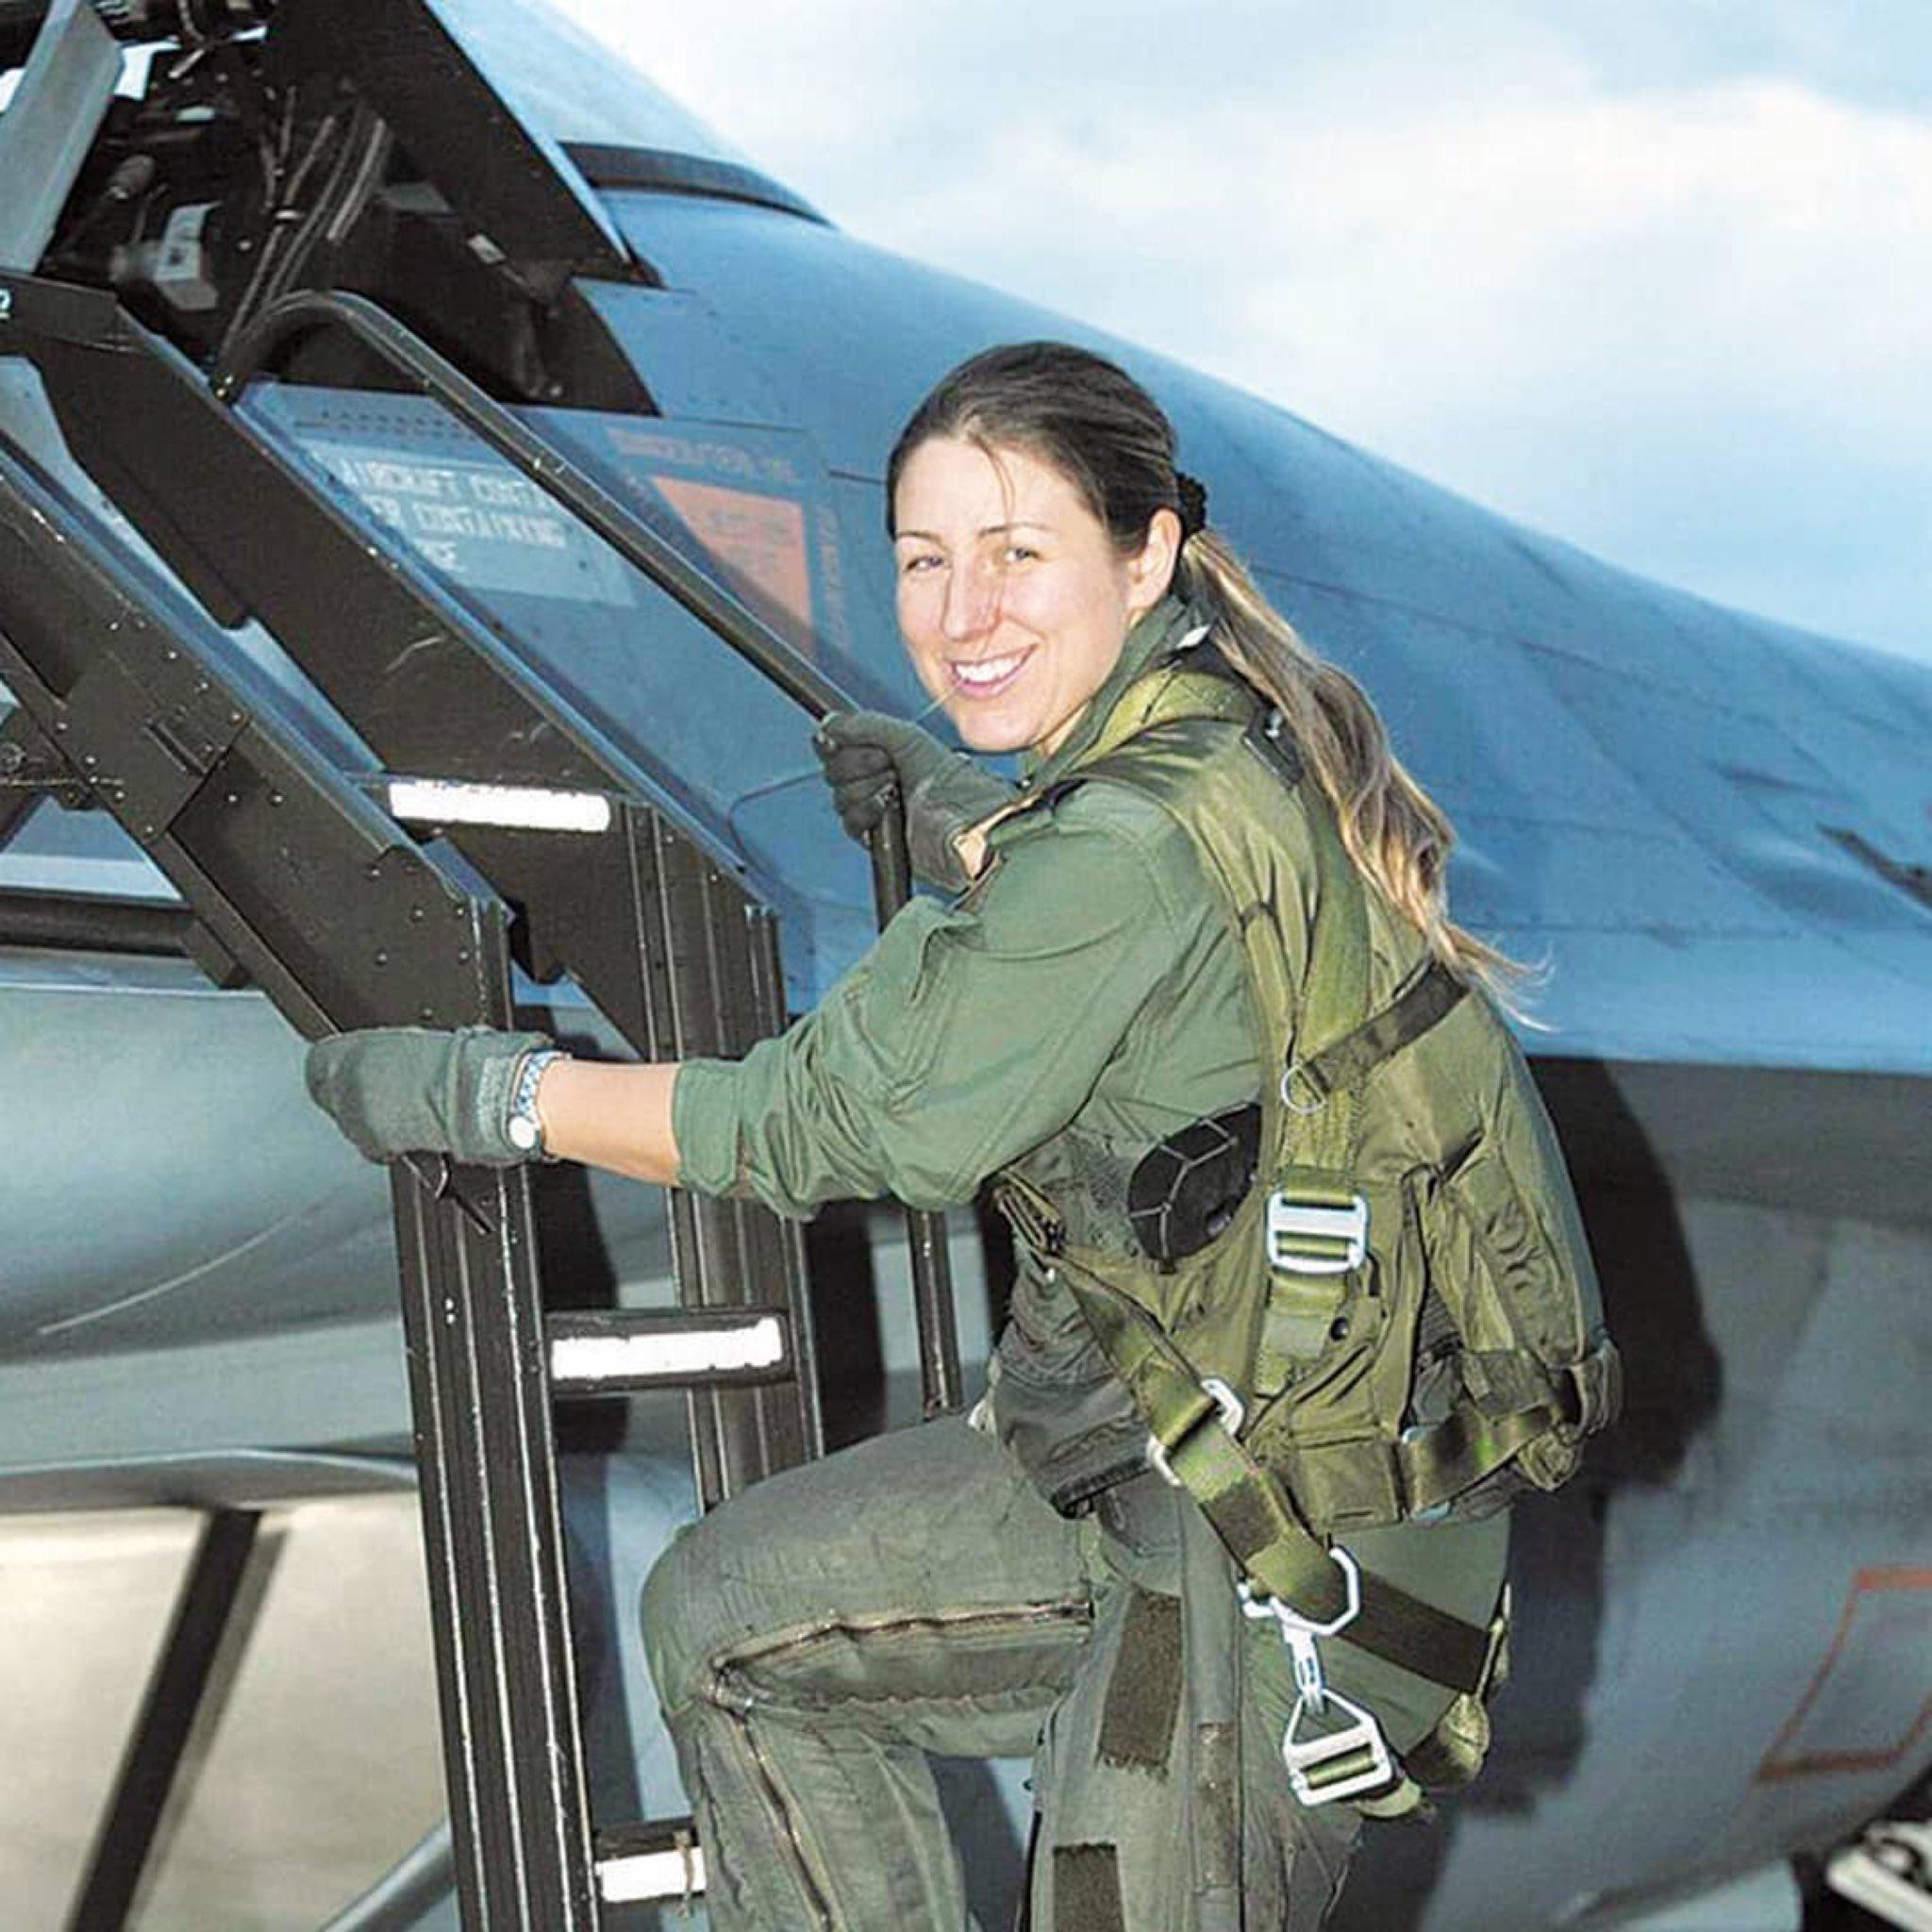 Türkiye'nin ilk kadın F-16 pilotu Berna Şen albaylığa terfi etti